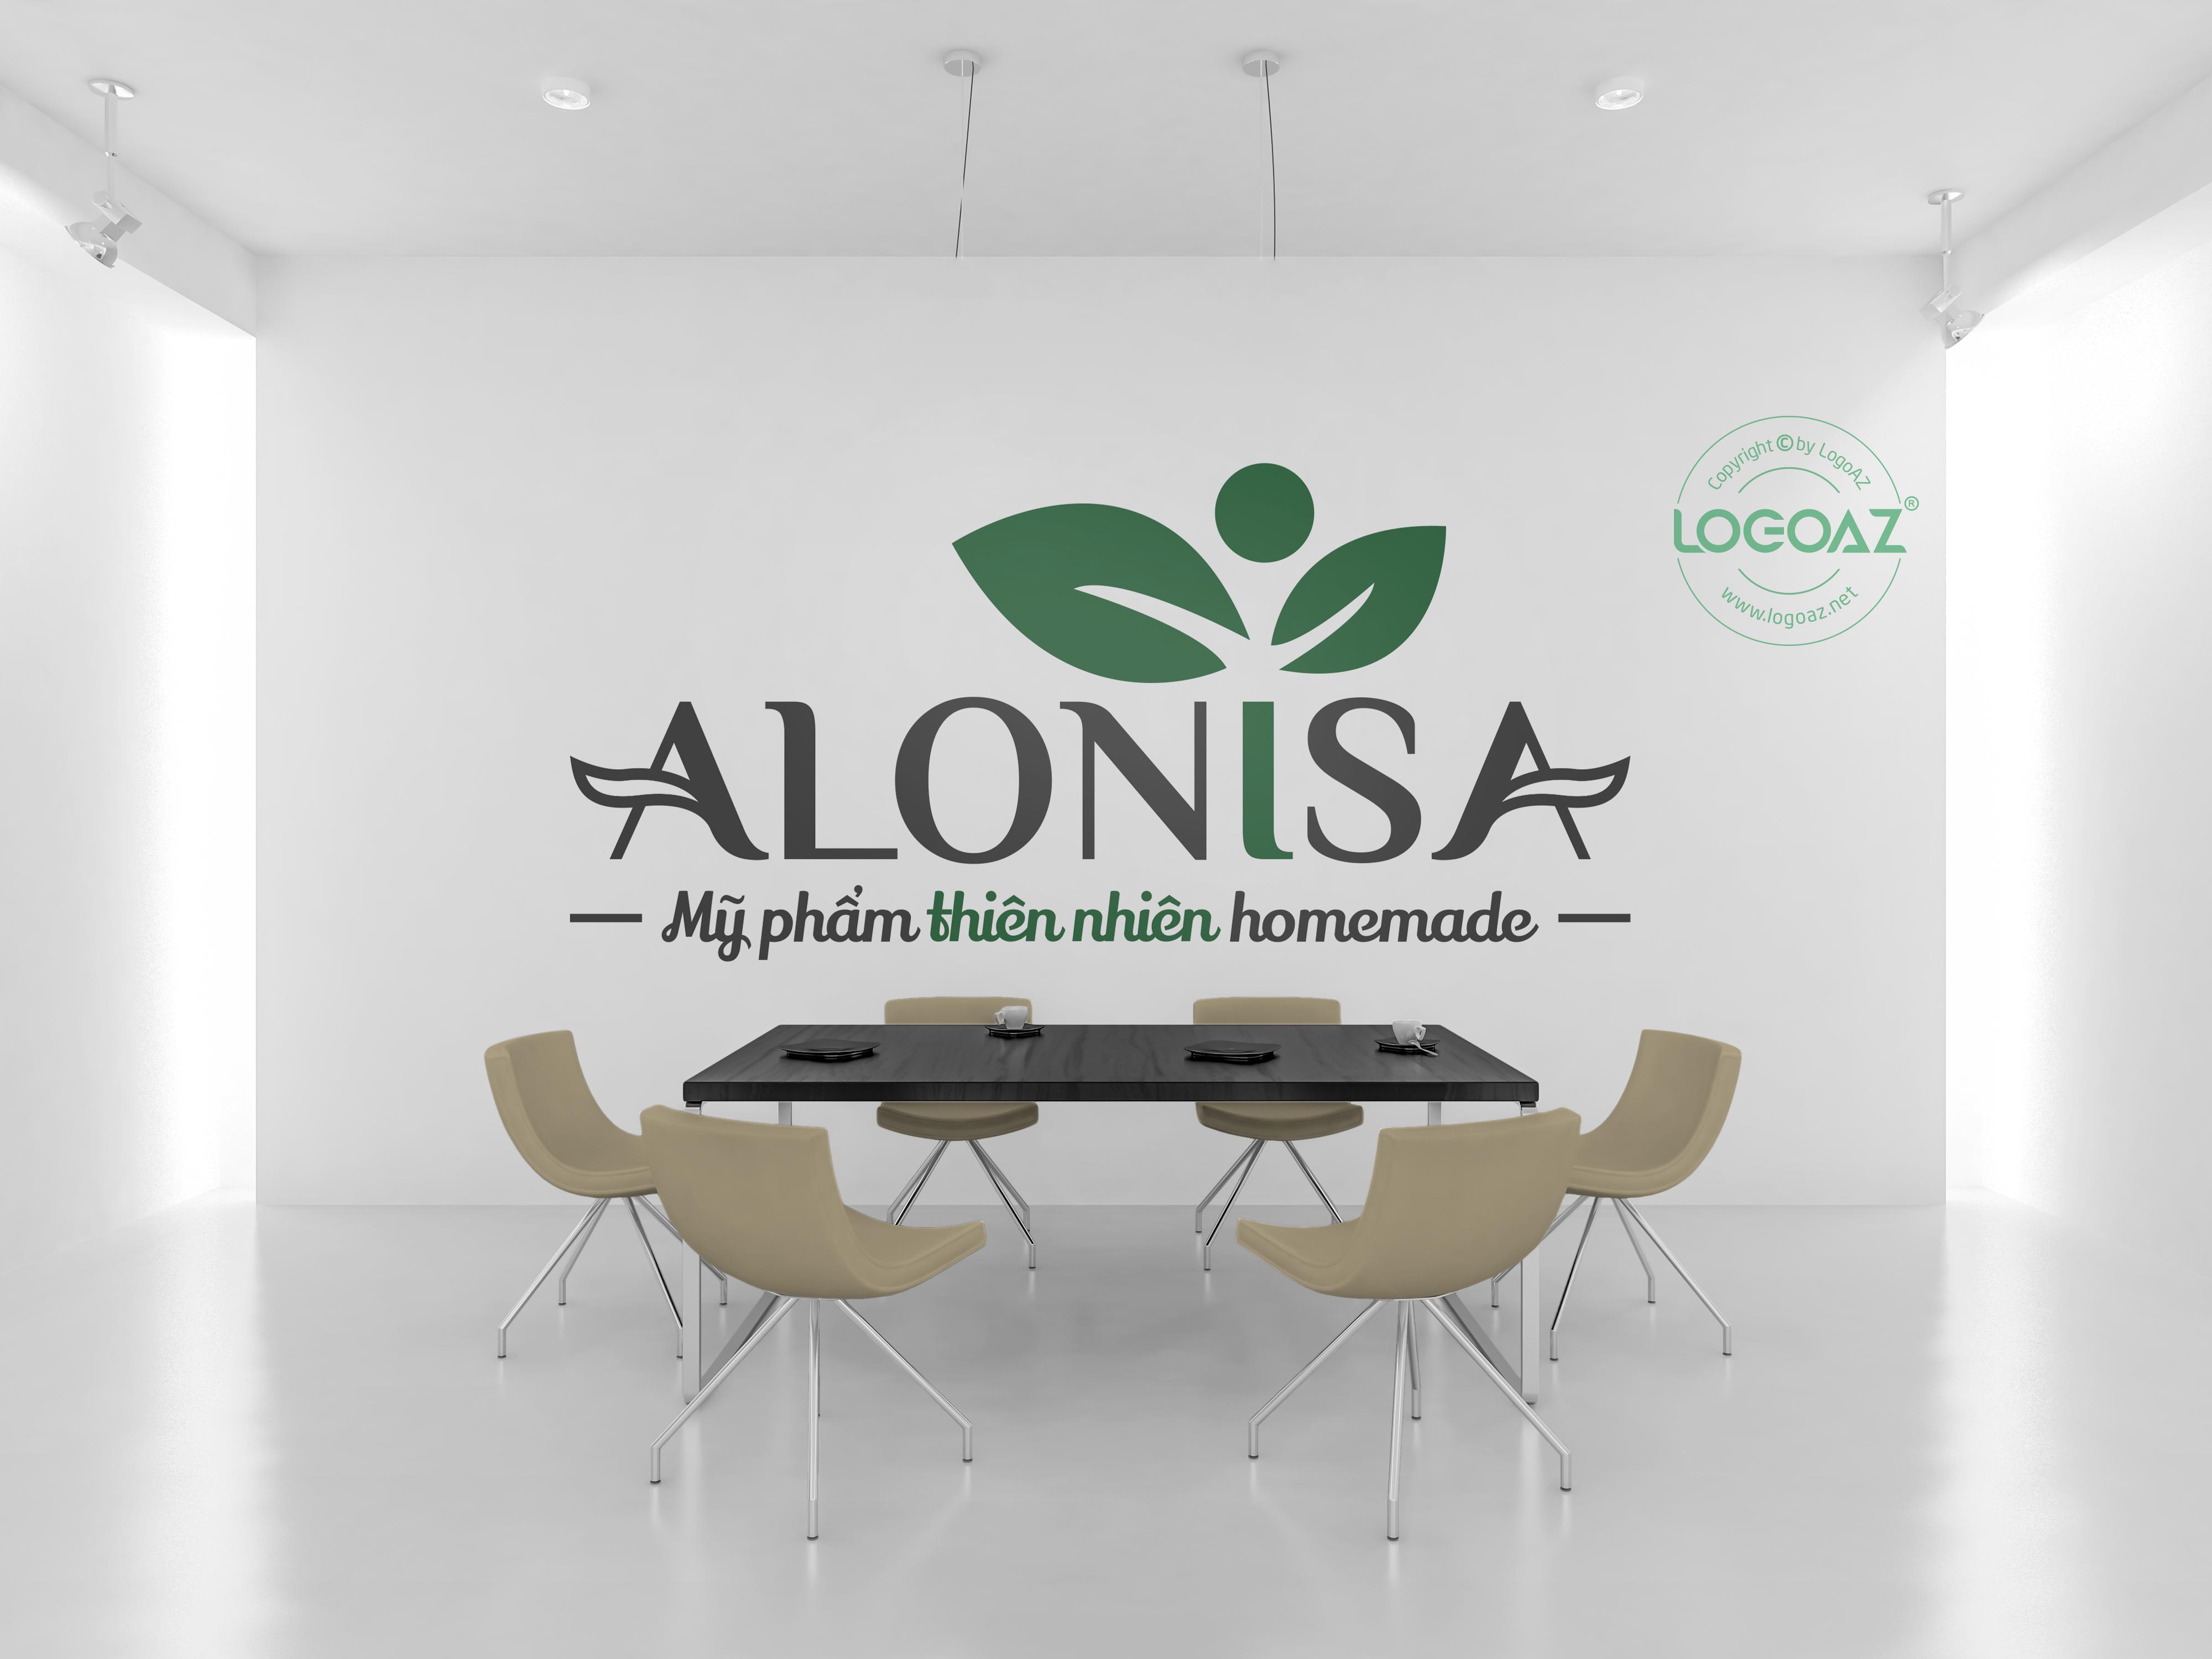 Thiết Kế Logo Thương Hiệu ALONISA Tại LOGOAZ